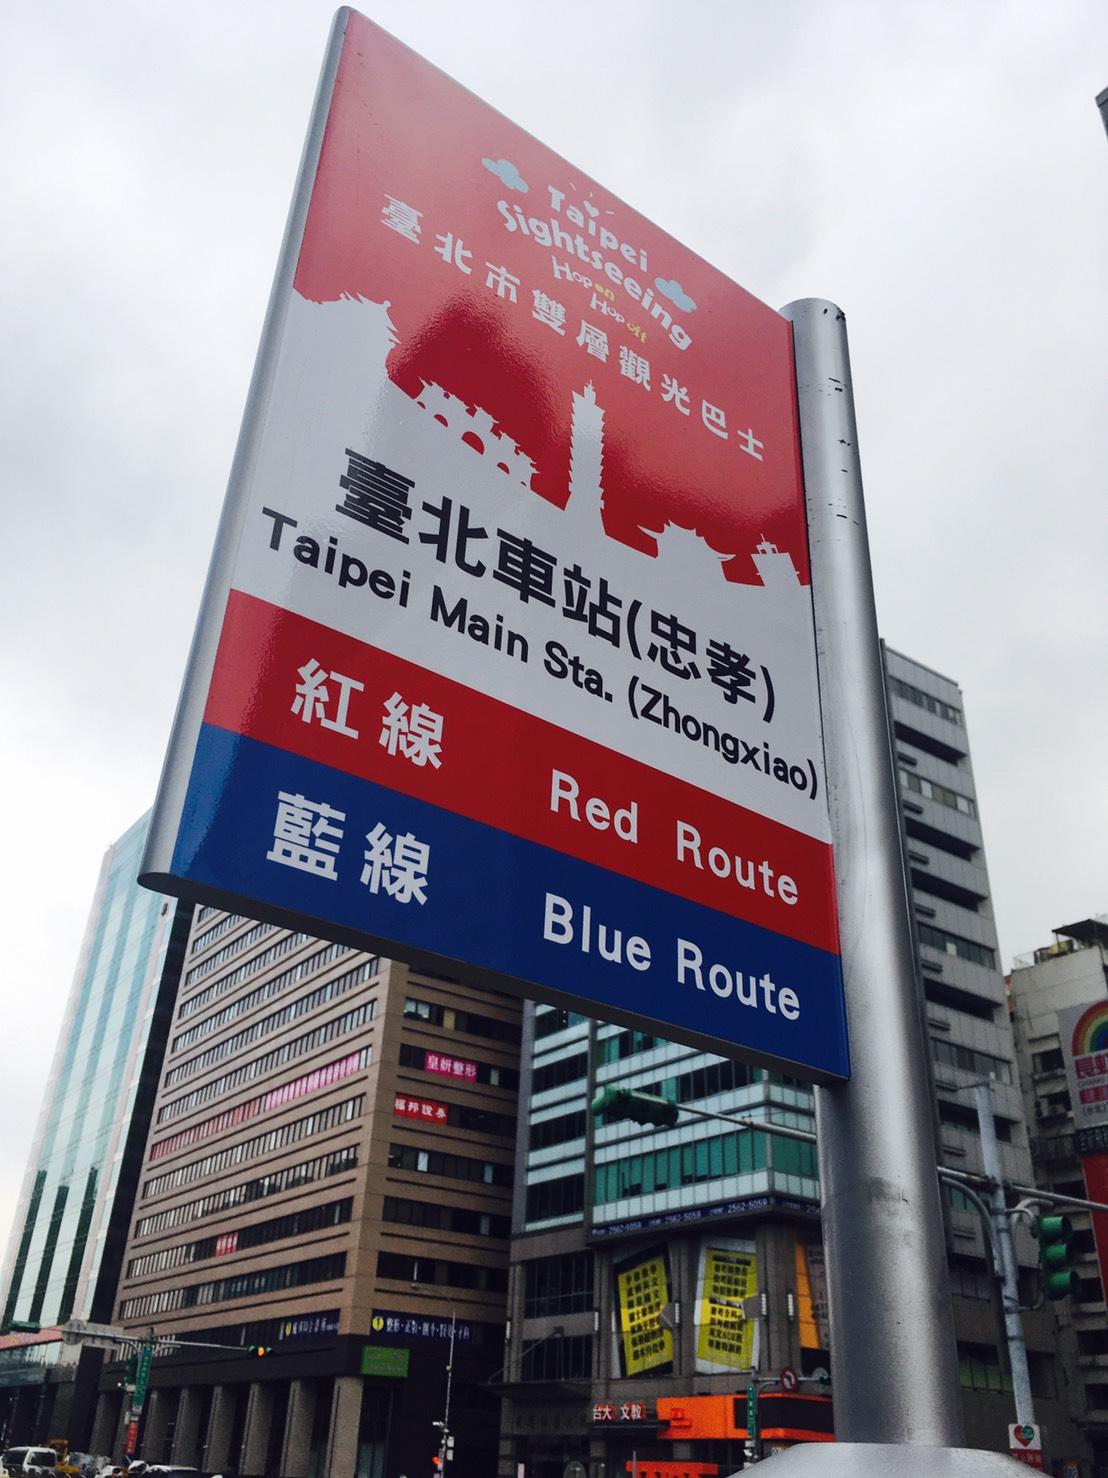 台 北 車 站 前 即 能 看 到 樹 立 的 醒 目 紅 色 站 牌 。